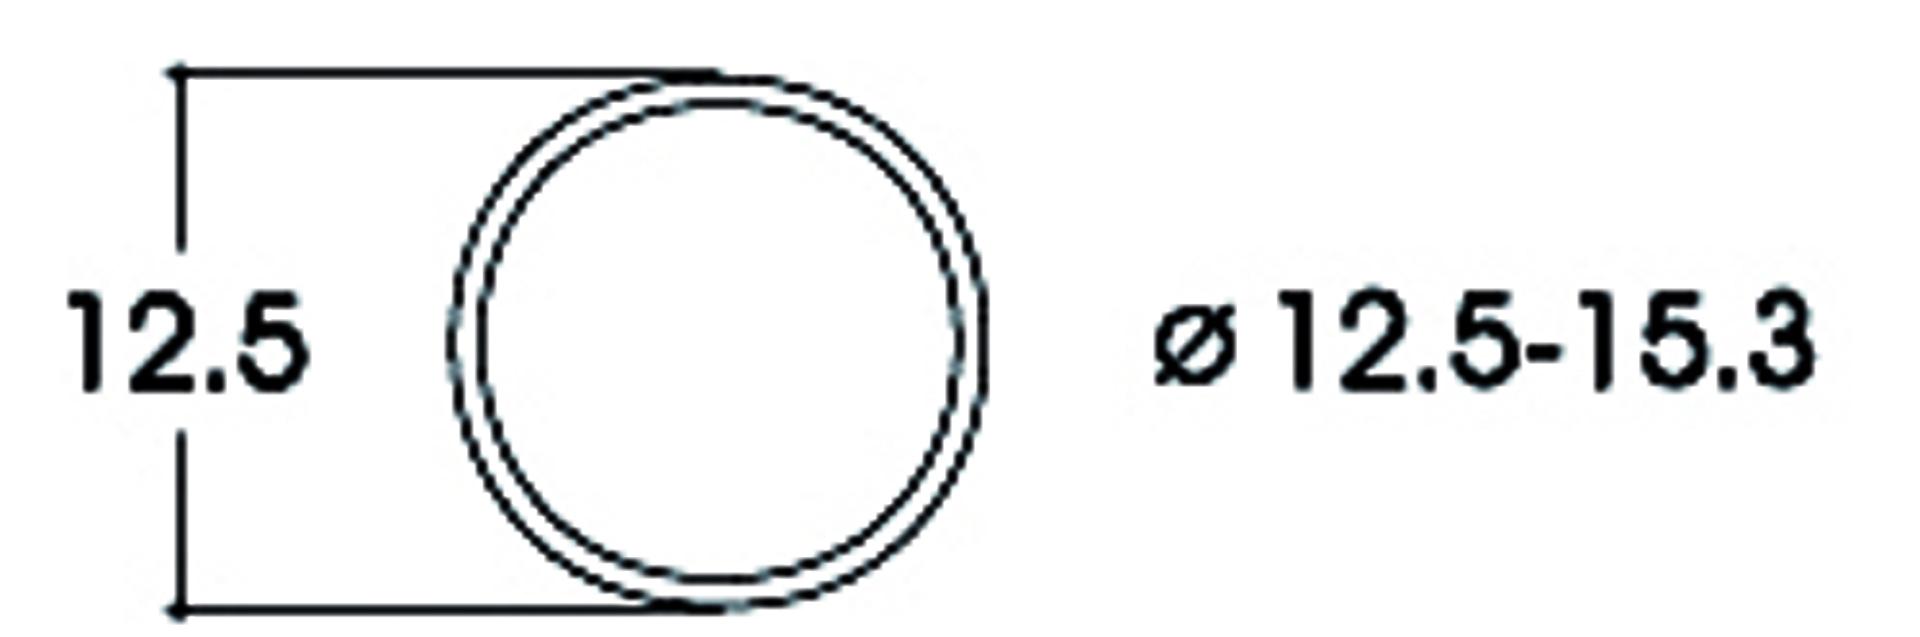 Roco 40075 Haftrings.10Stk.12,5-15,3mm